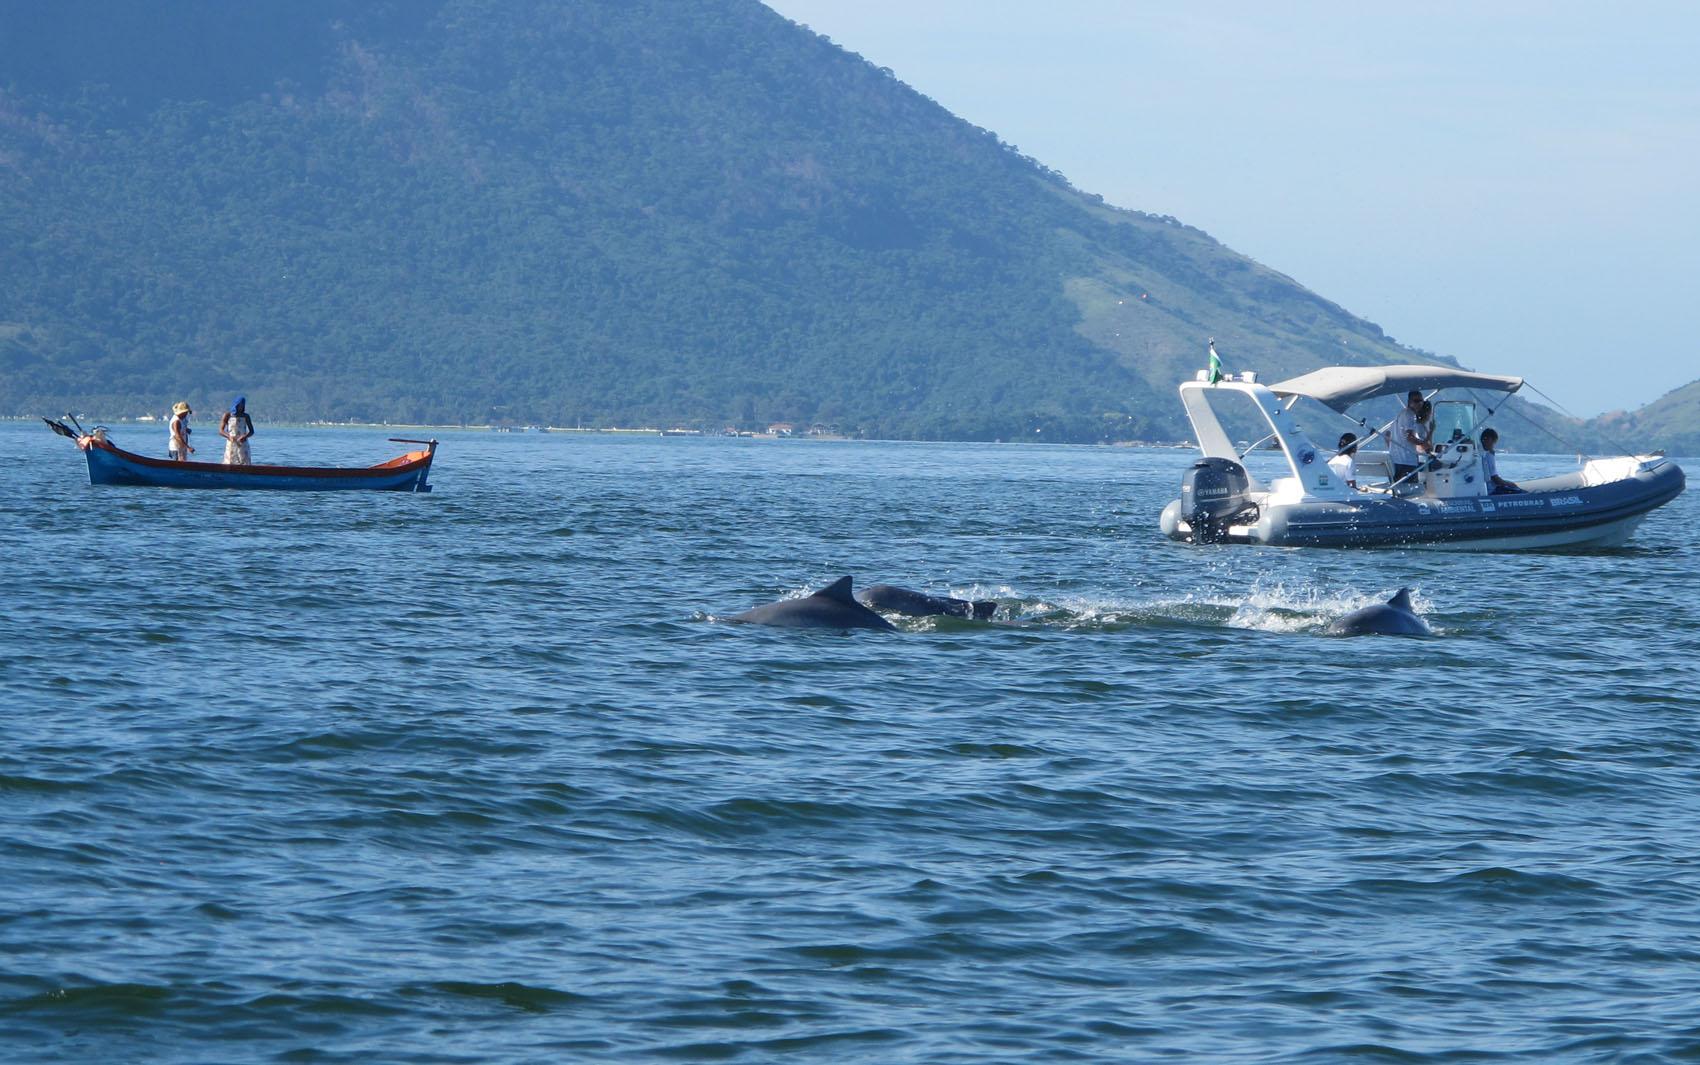 ONG Instituto Boto Cinza intermedia relação dos pescadores com o animal em extinção